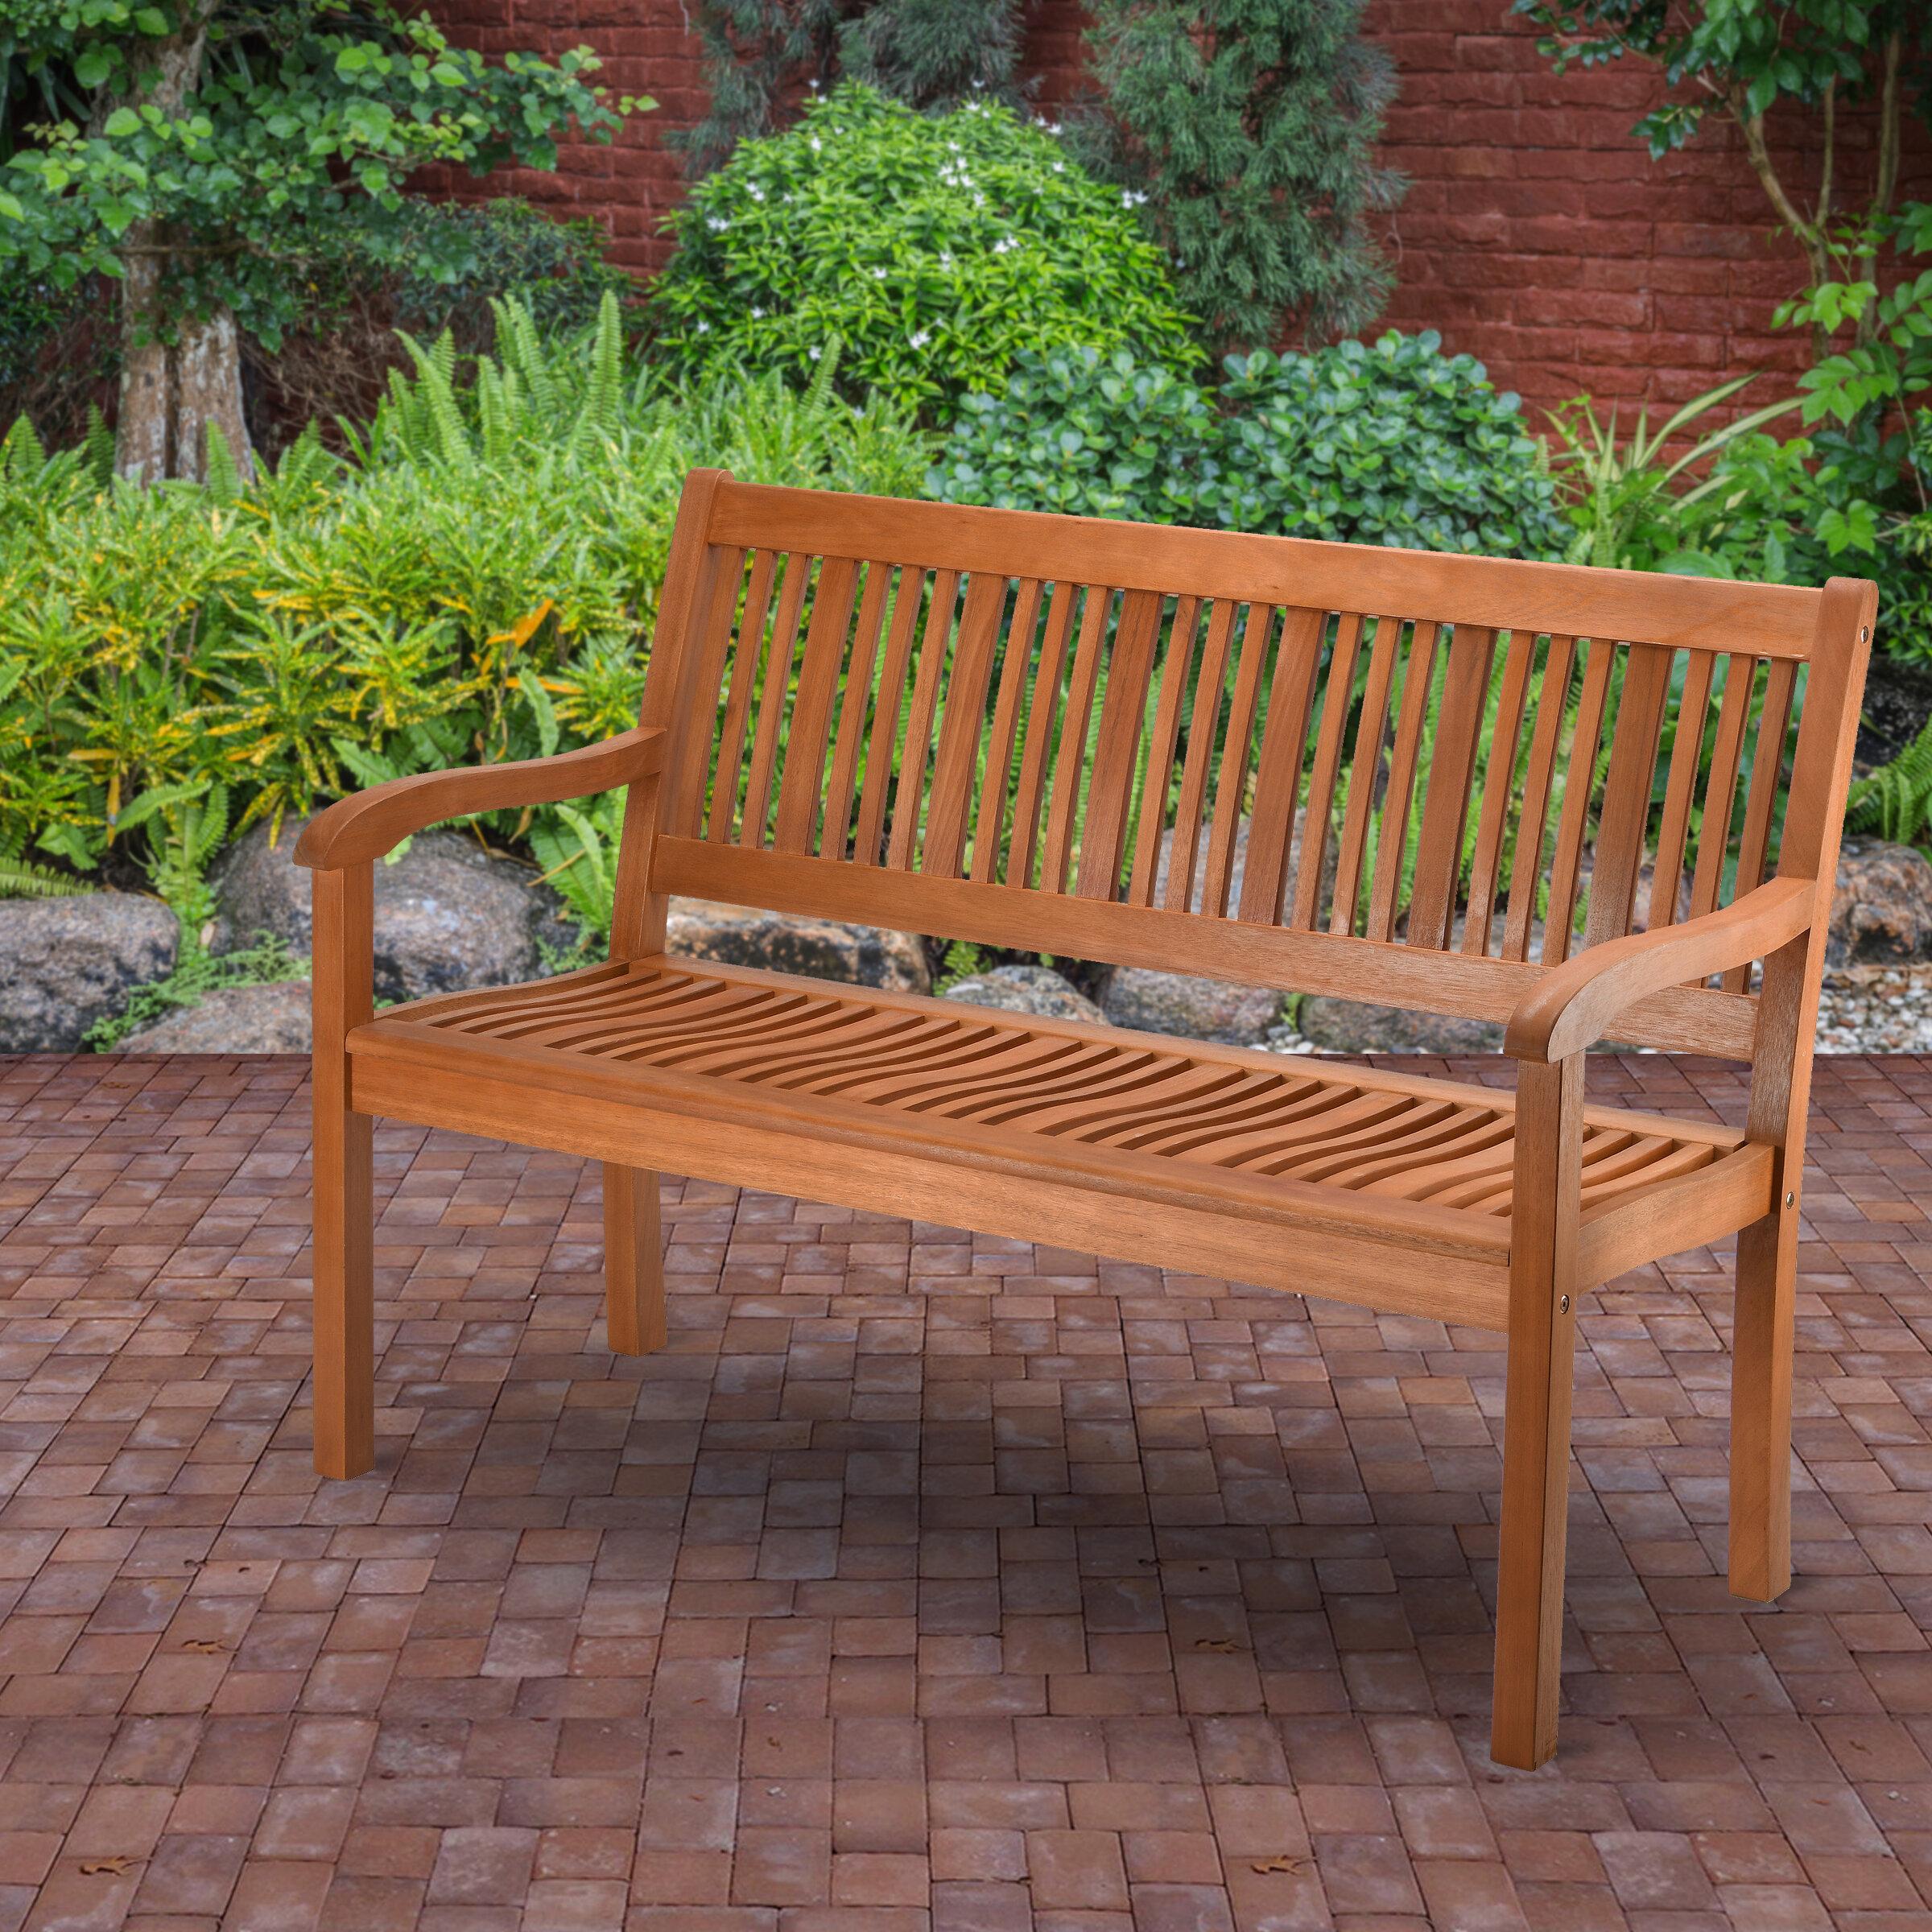 Konnor Wooden Garden Bench Regarding Elsner Acacia Garden Benches (View 18 of 25)